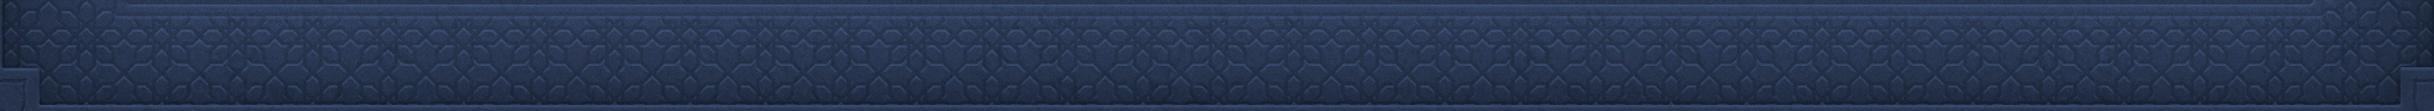 Frises PaiO Bleu bas-01.png